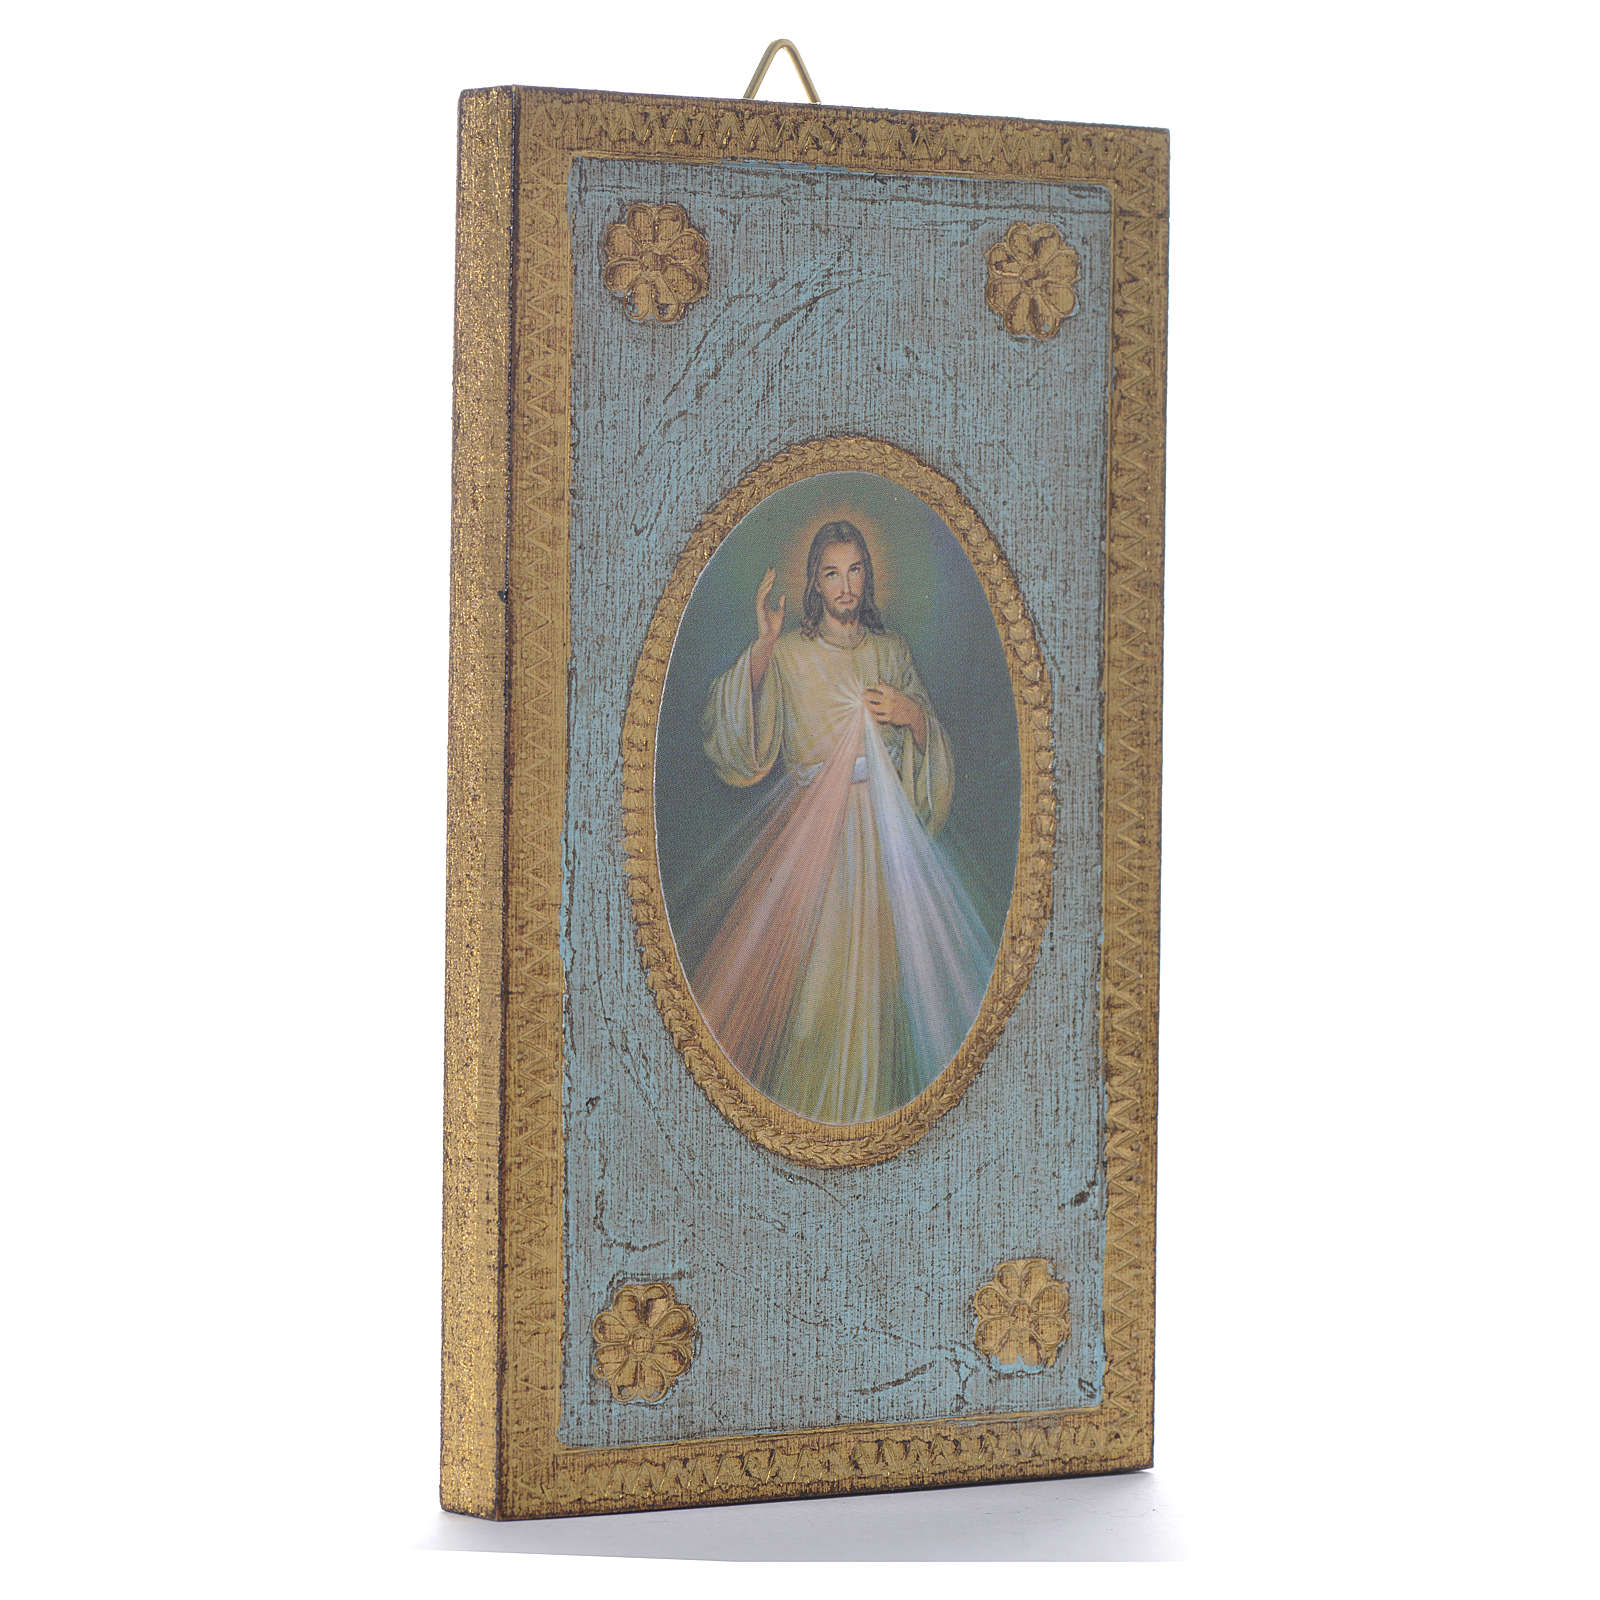 Stampa su legno Divina Misericordia 12,5x7,5 cm 3